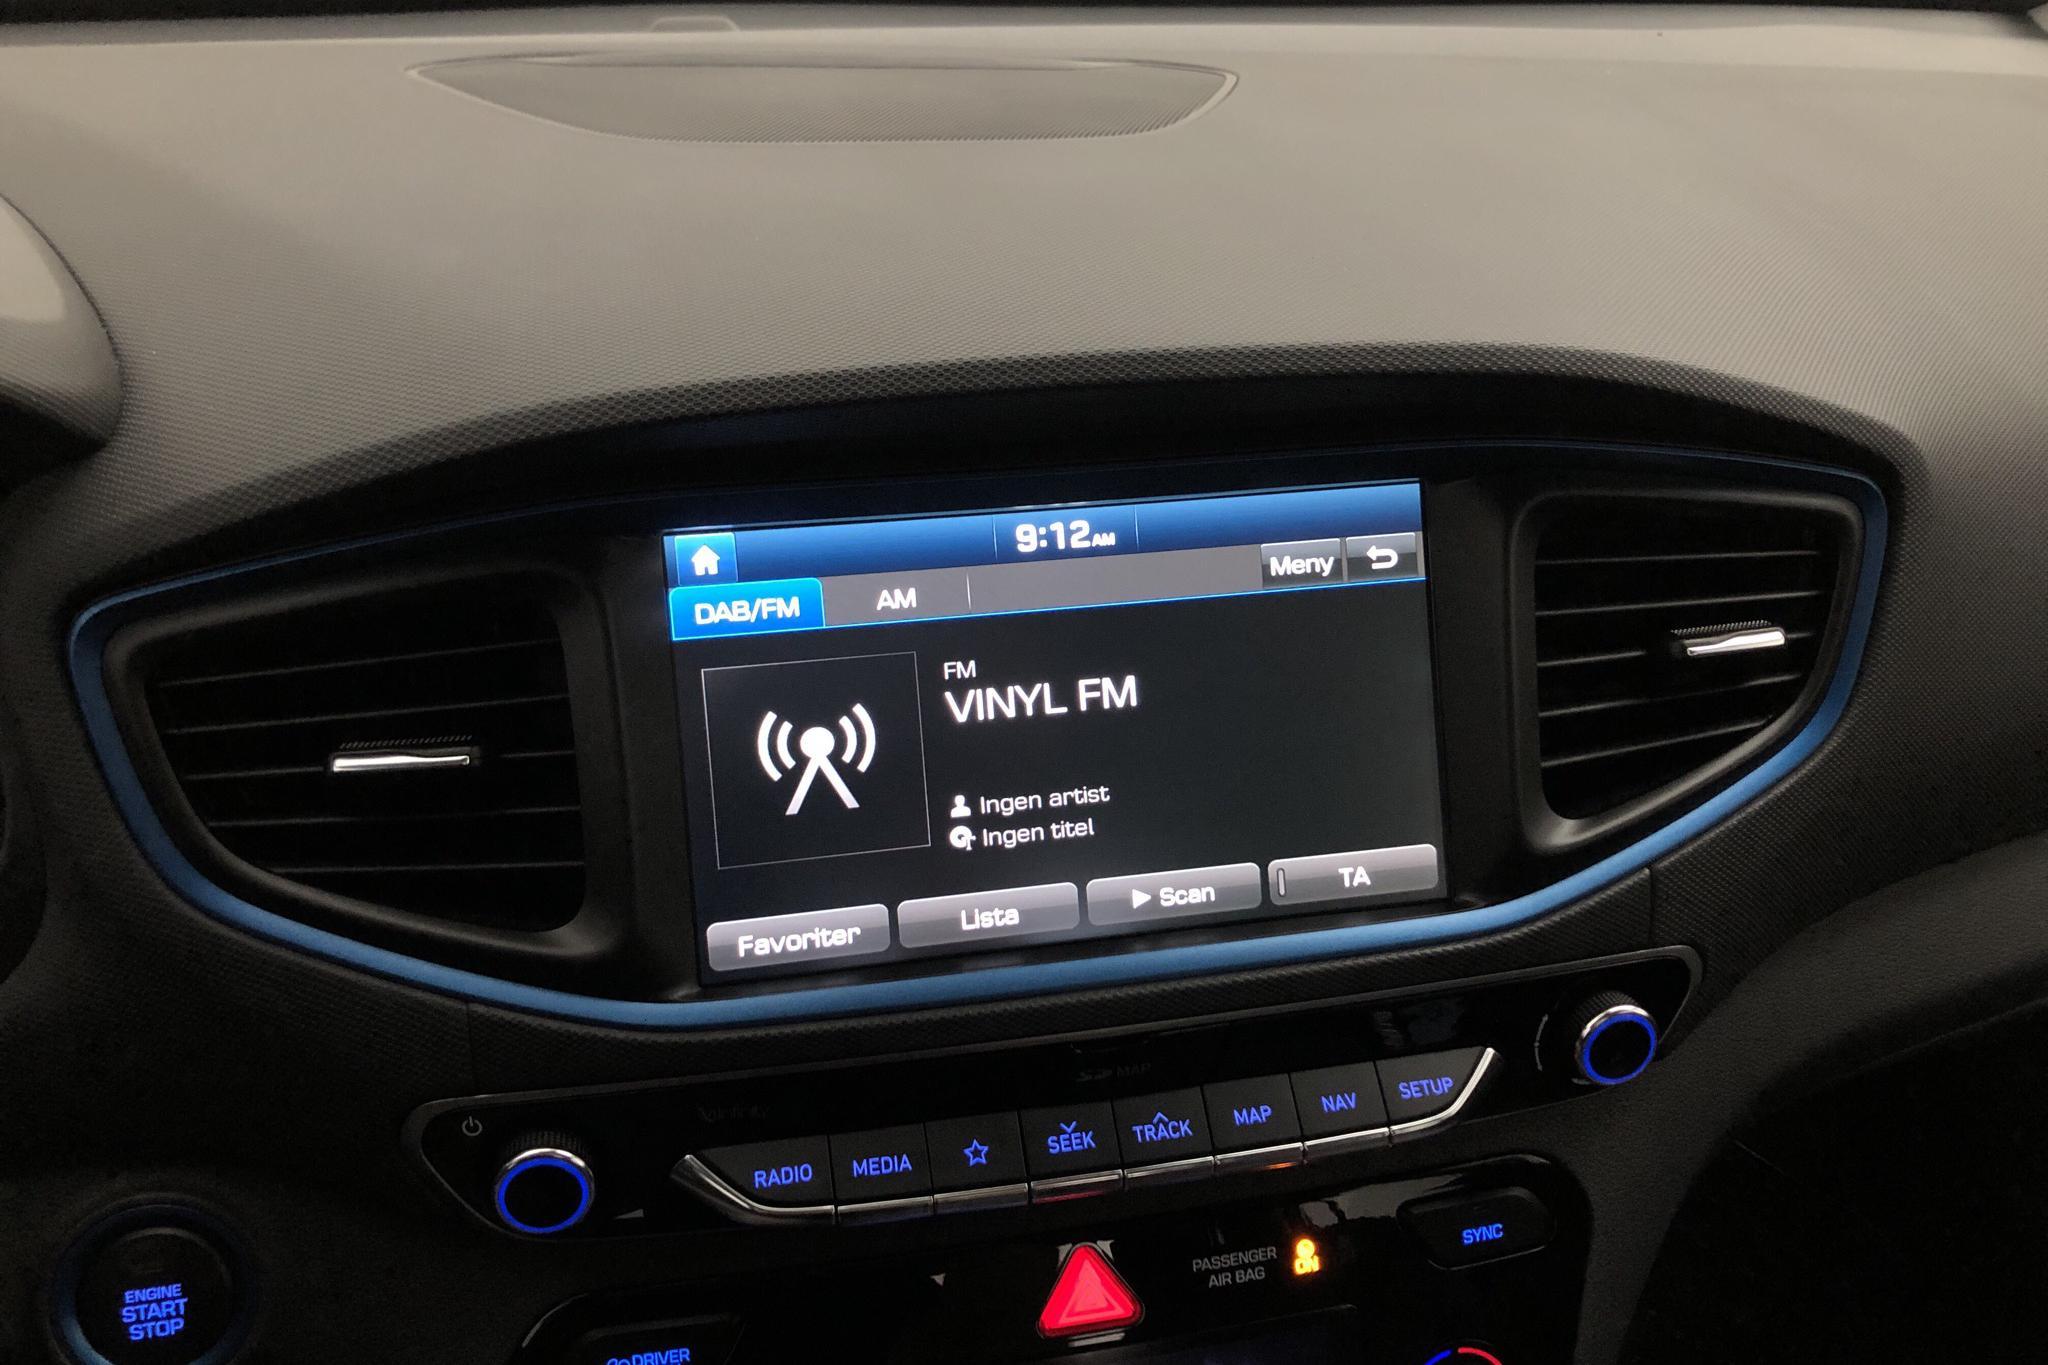 Hyundai IONIQ Plug-in (141hk) - 3 020 mil - Automat - svart - 2017